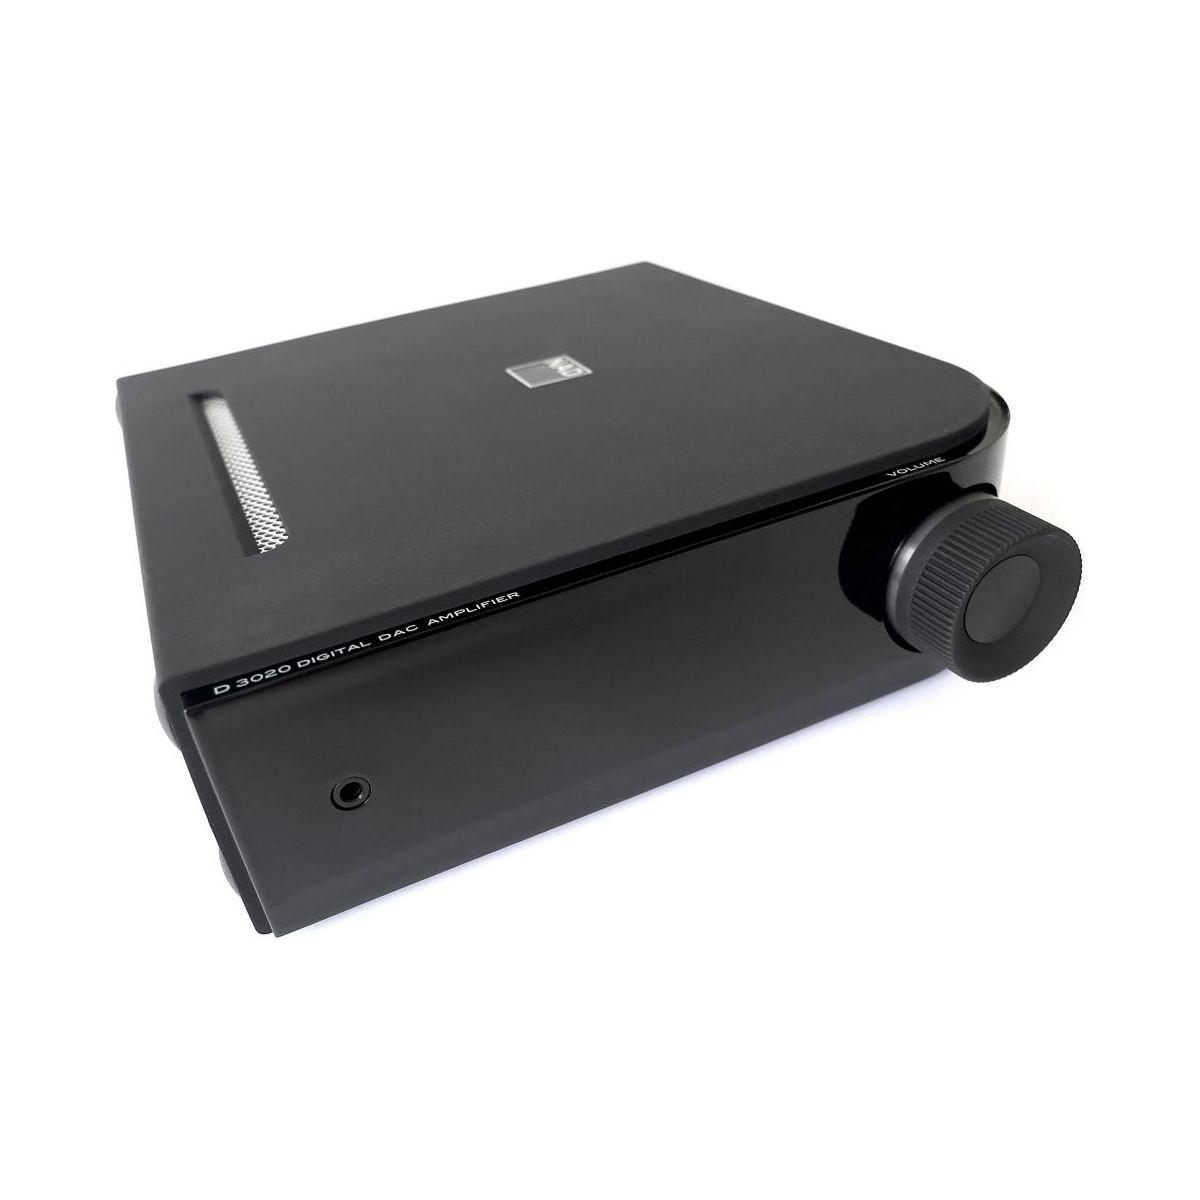 Amplificateur hifi nad d3020 - livraison offerte : code livprem (photo)